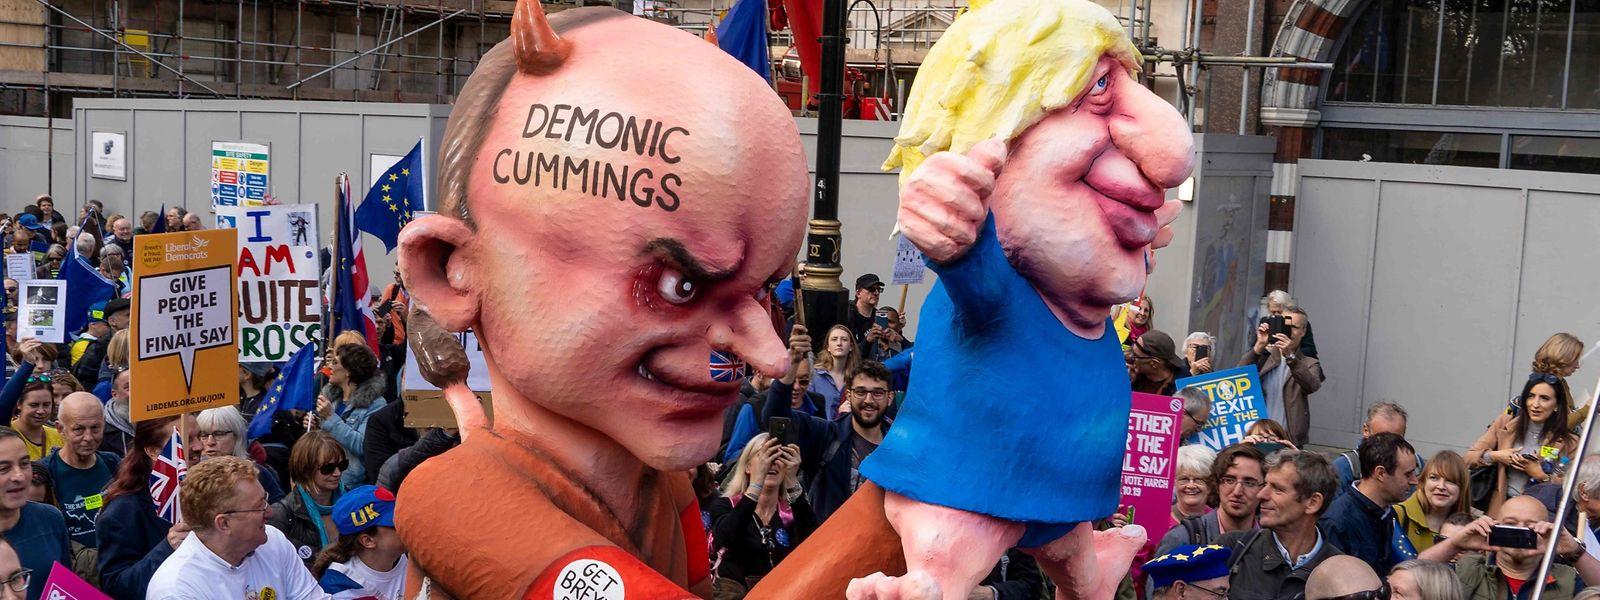 Der Marsch zog am frühen Samstagnachmittag durch London.